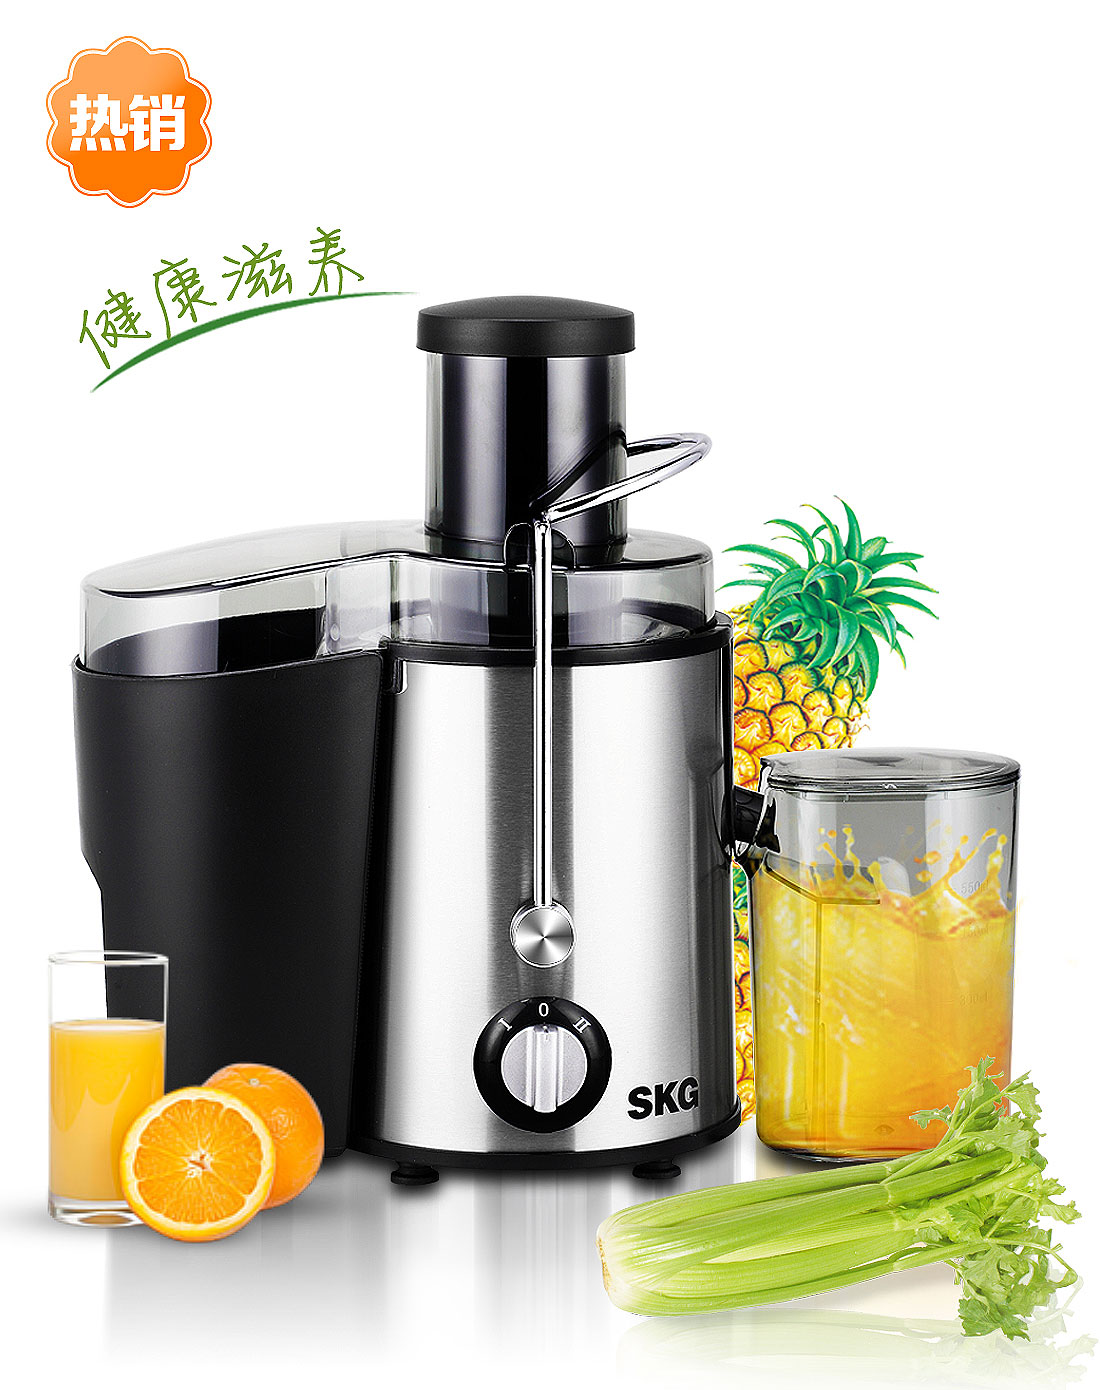 榨汁机如何榨蔬菜汁